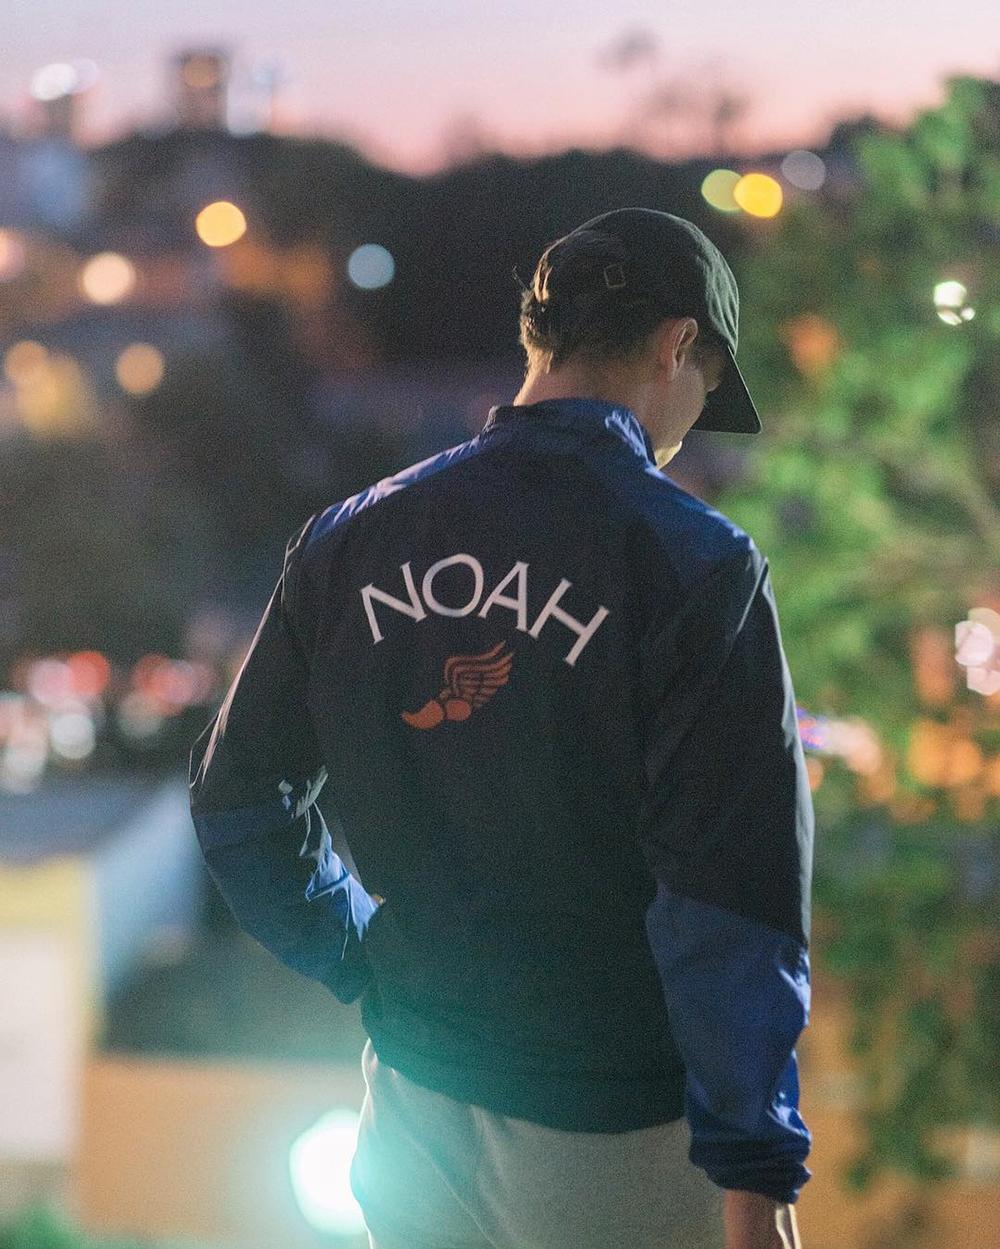 noah end